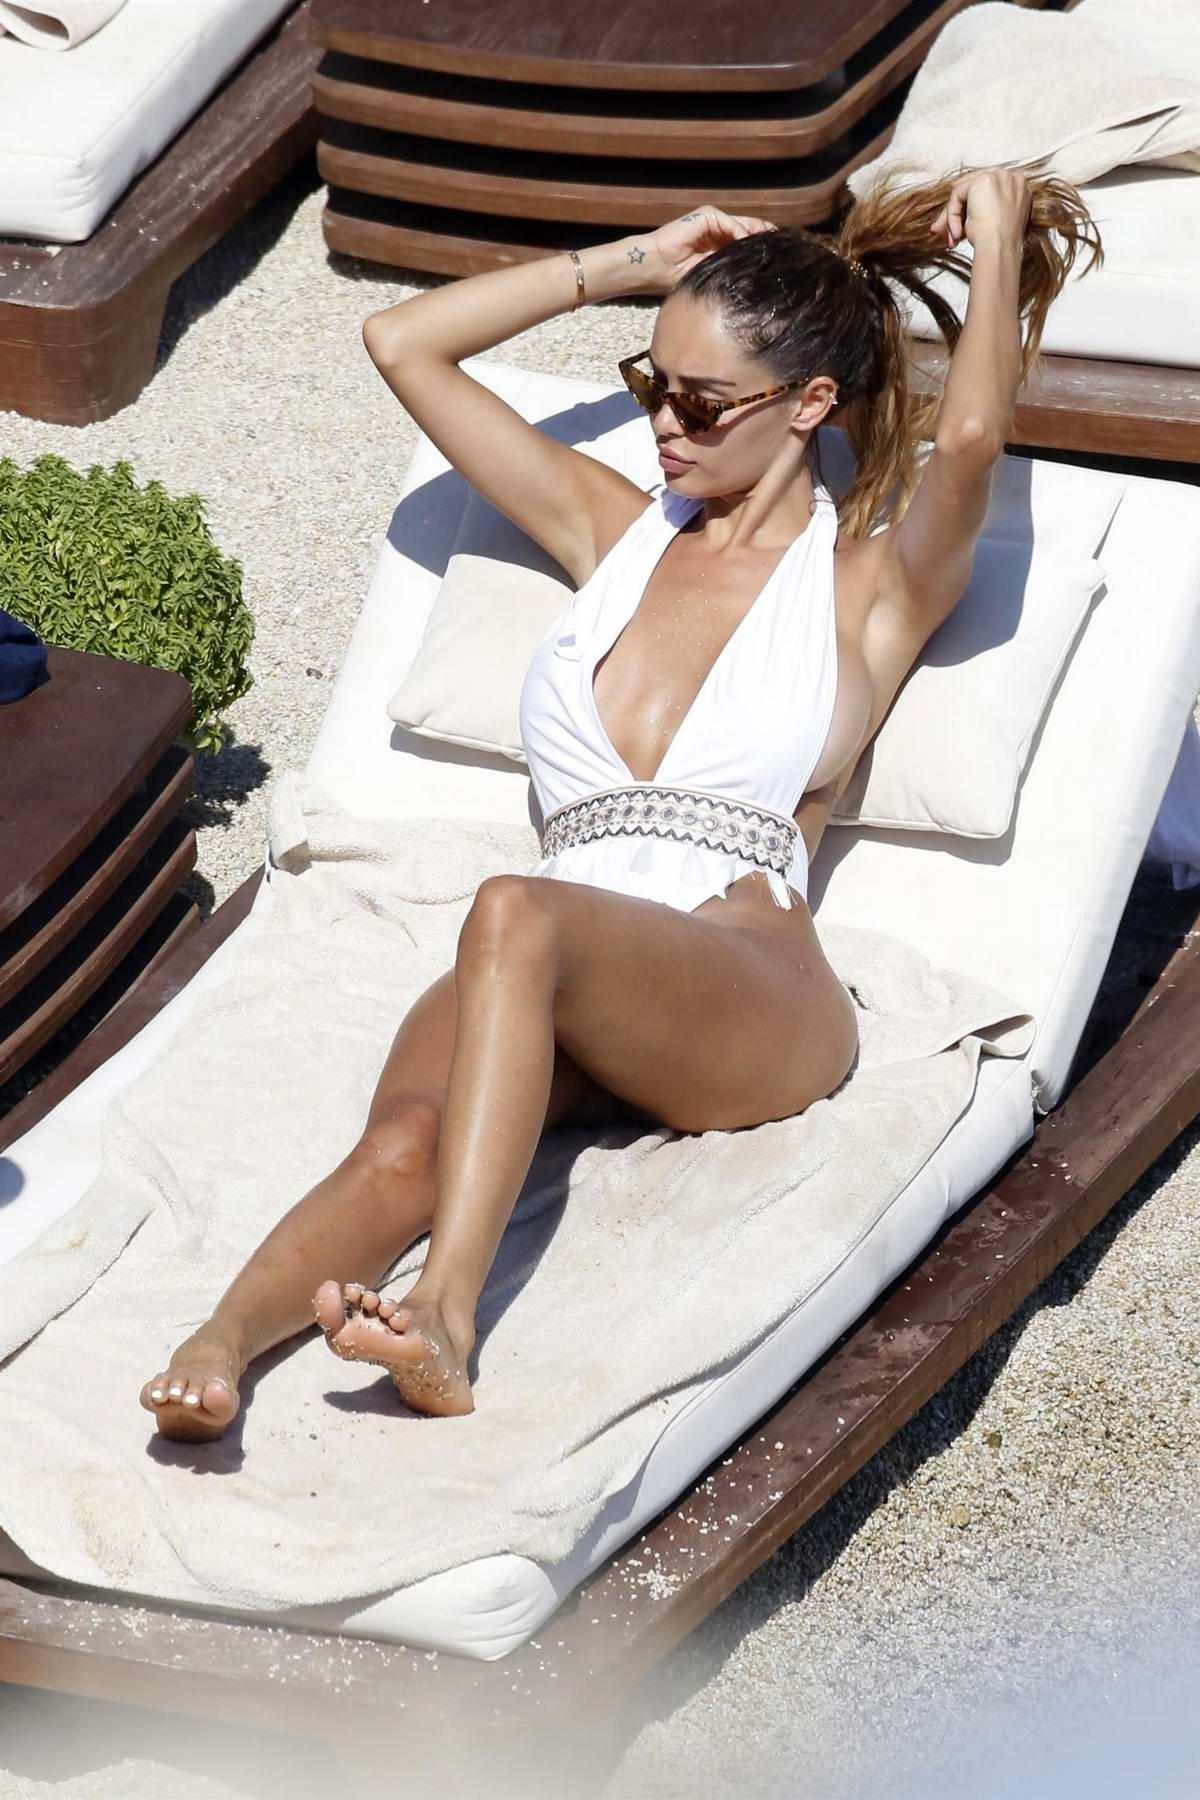 Nabilla Benattia wears a white swimsuit as she catch some sun on the beach in Mykonos, Greece